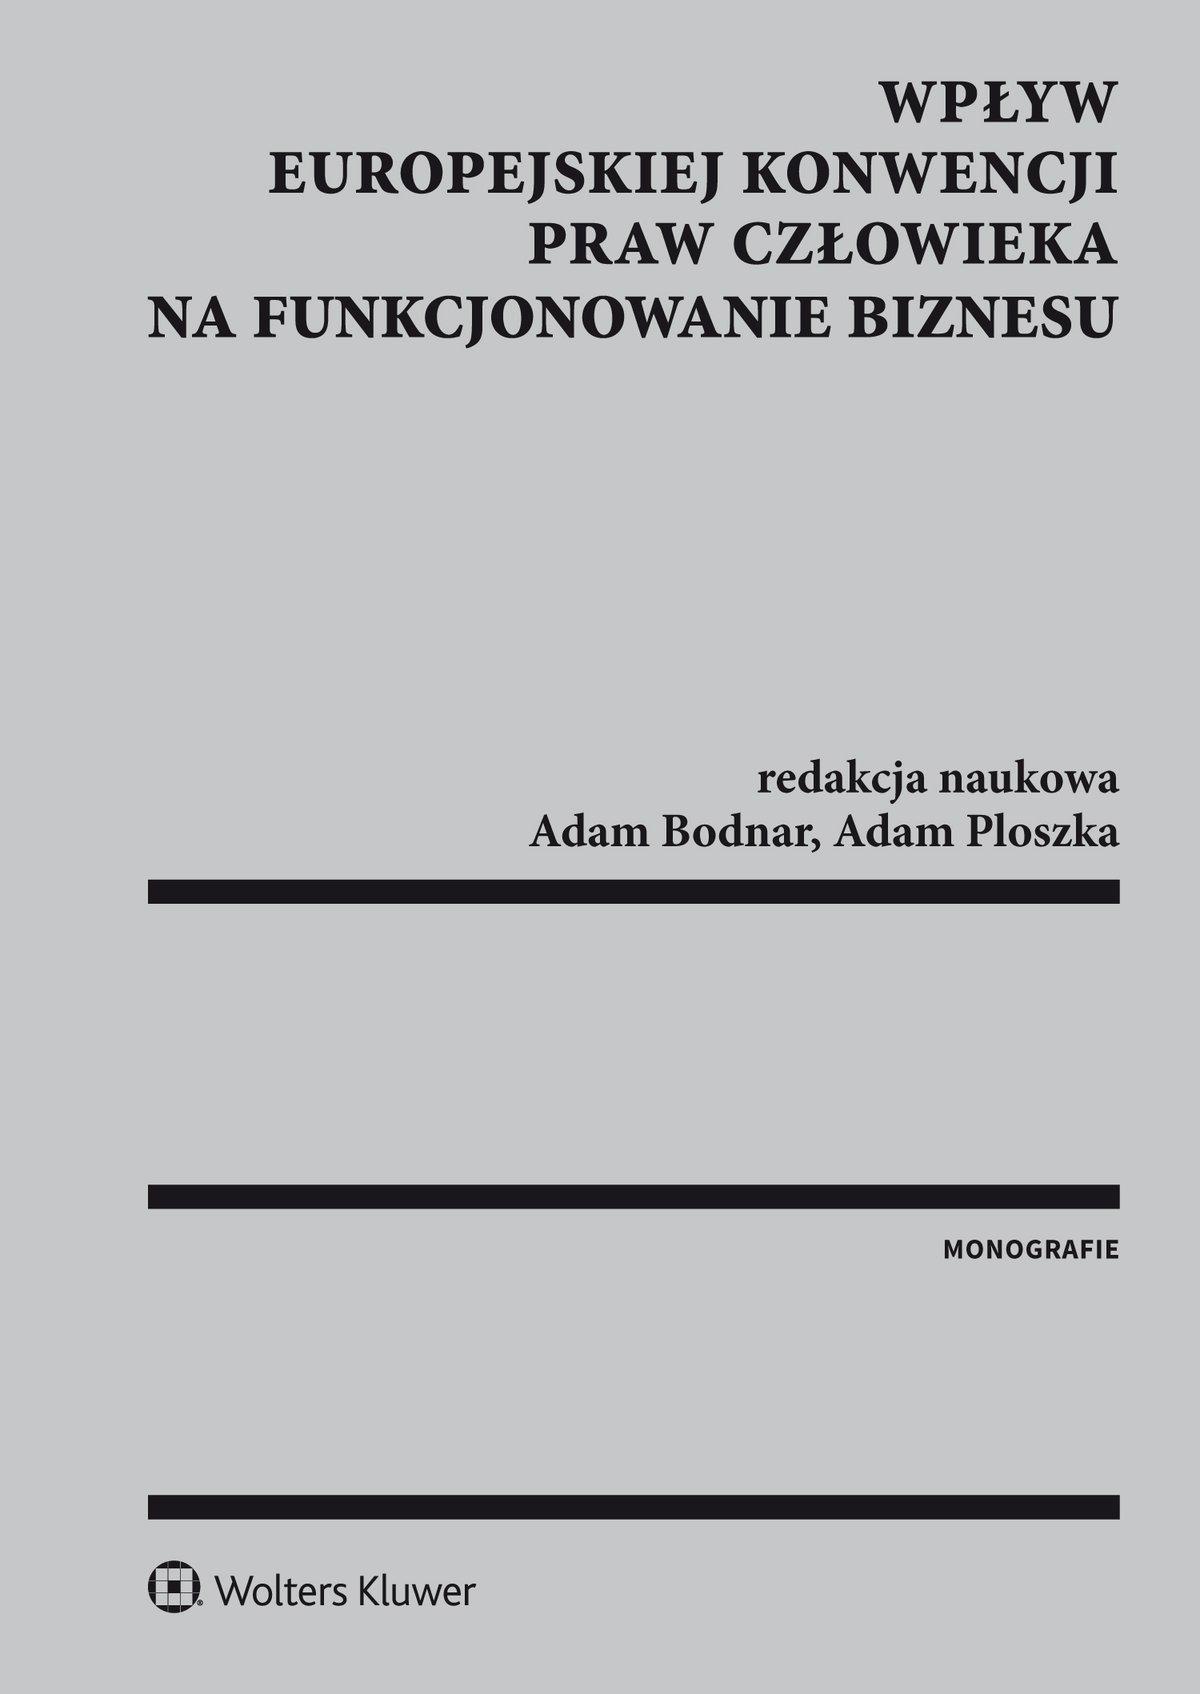 Wpływ Europejskiej Konwencji Praw Człowieka na funkcjonowanie biznesu - Ebook (Książka PDF) do pobrania w formacie PDF